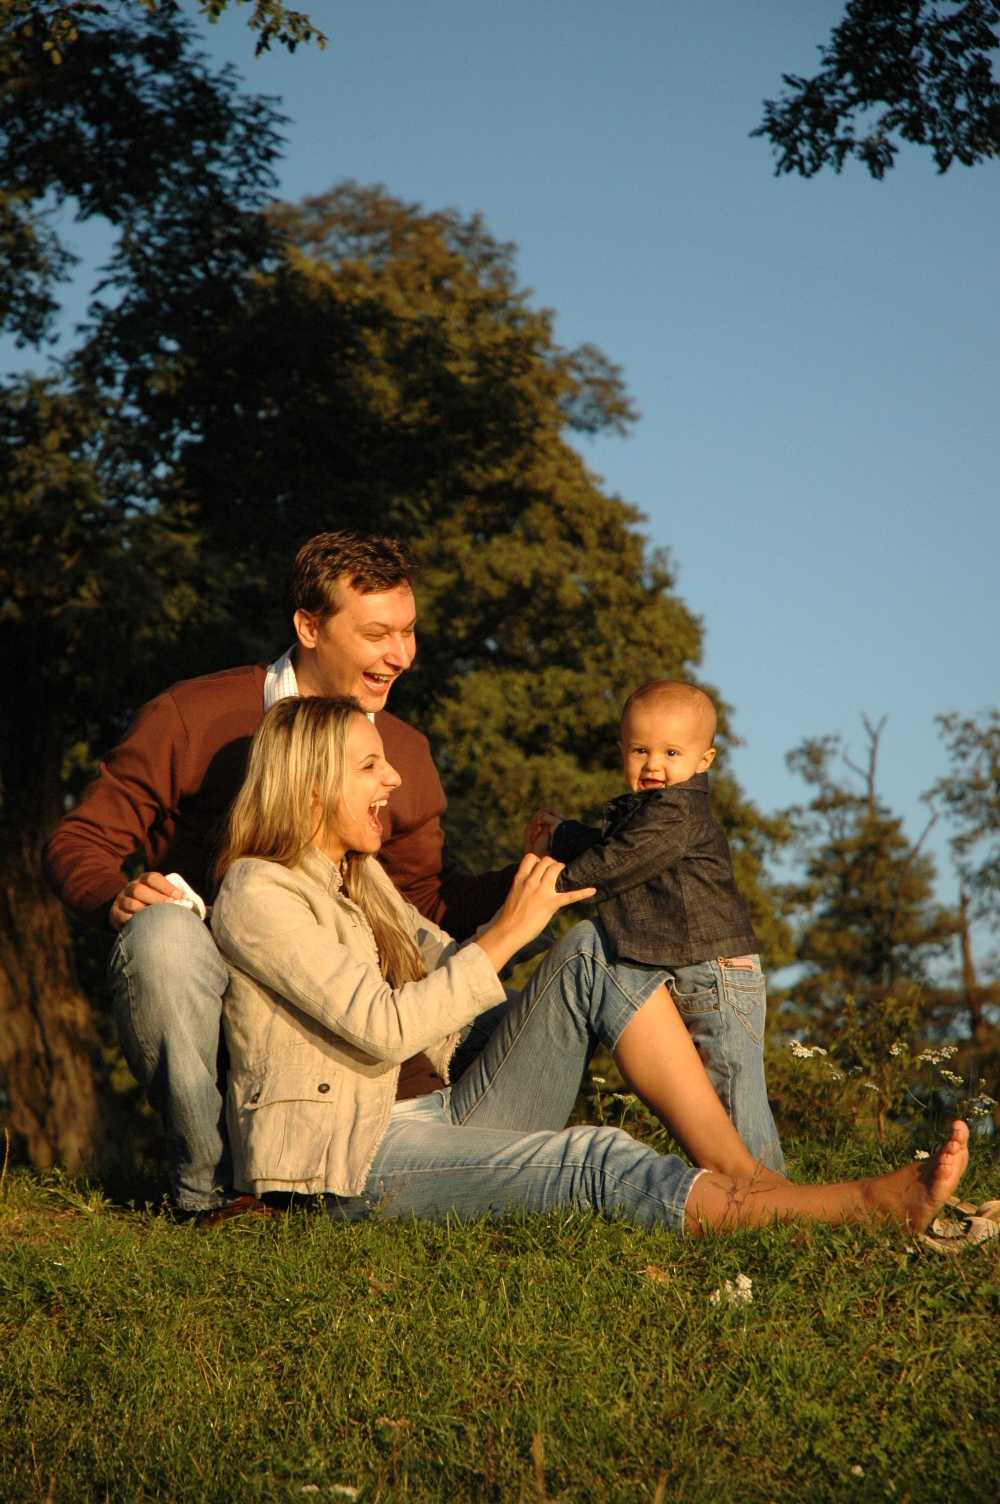 Etes-vous un fils à maman ou une fille à papa ?